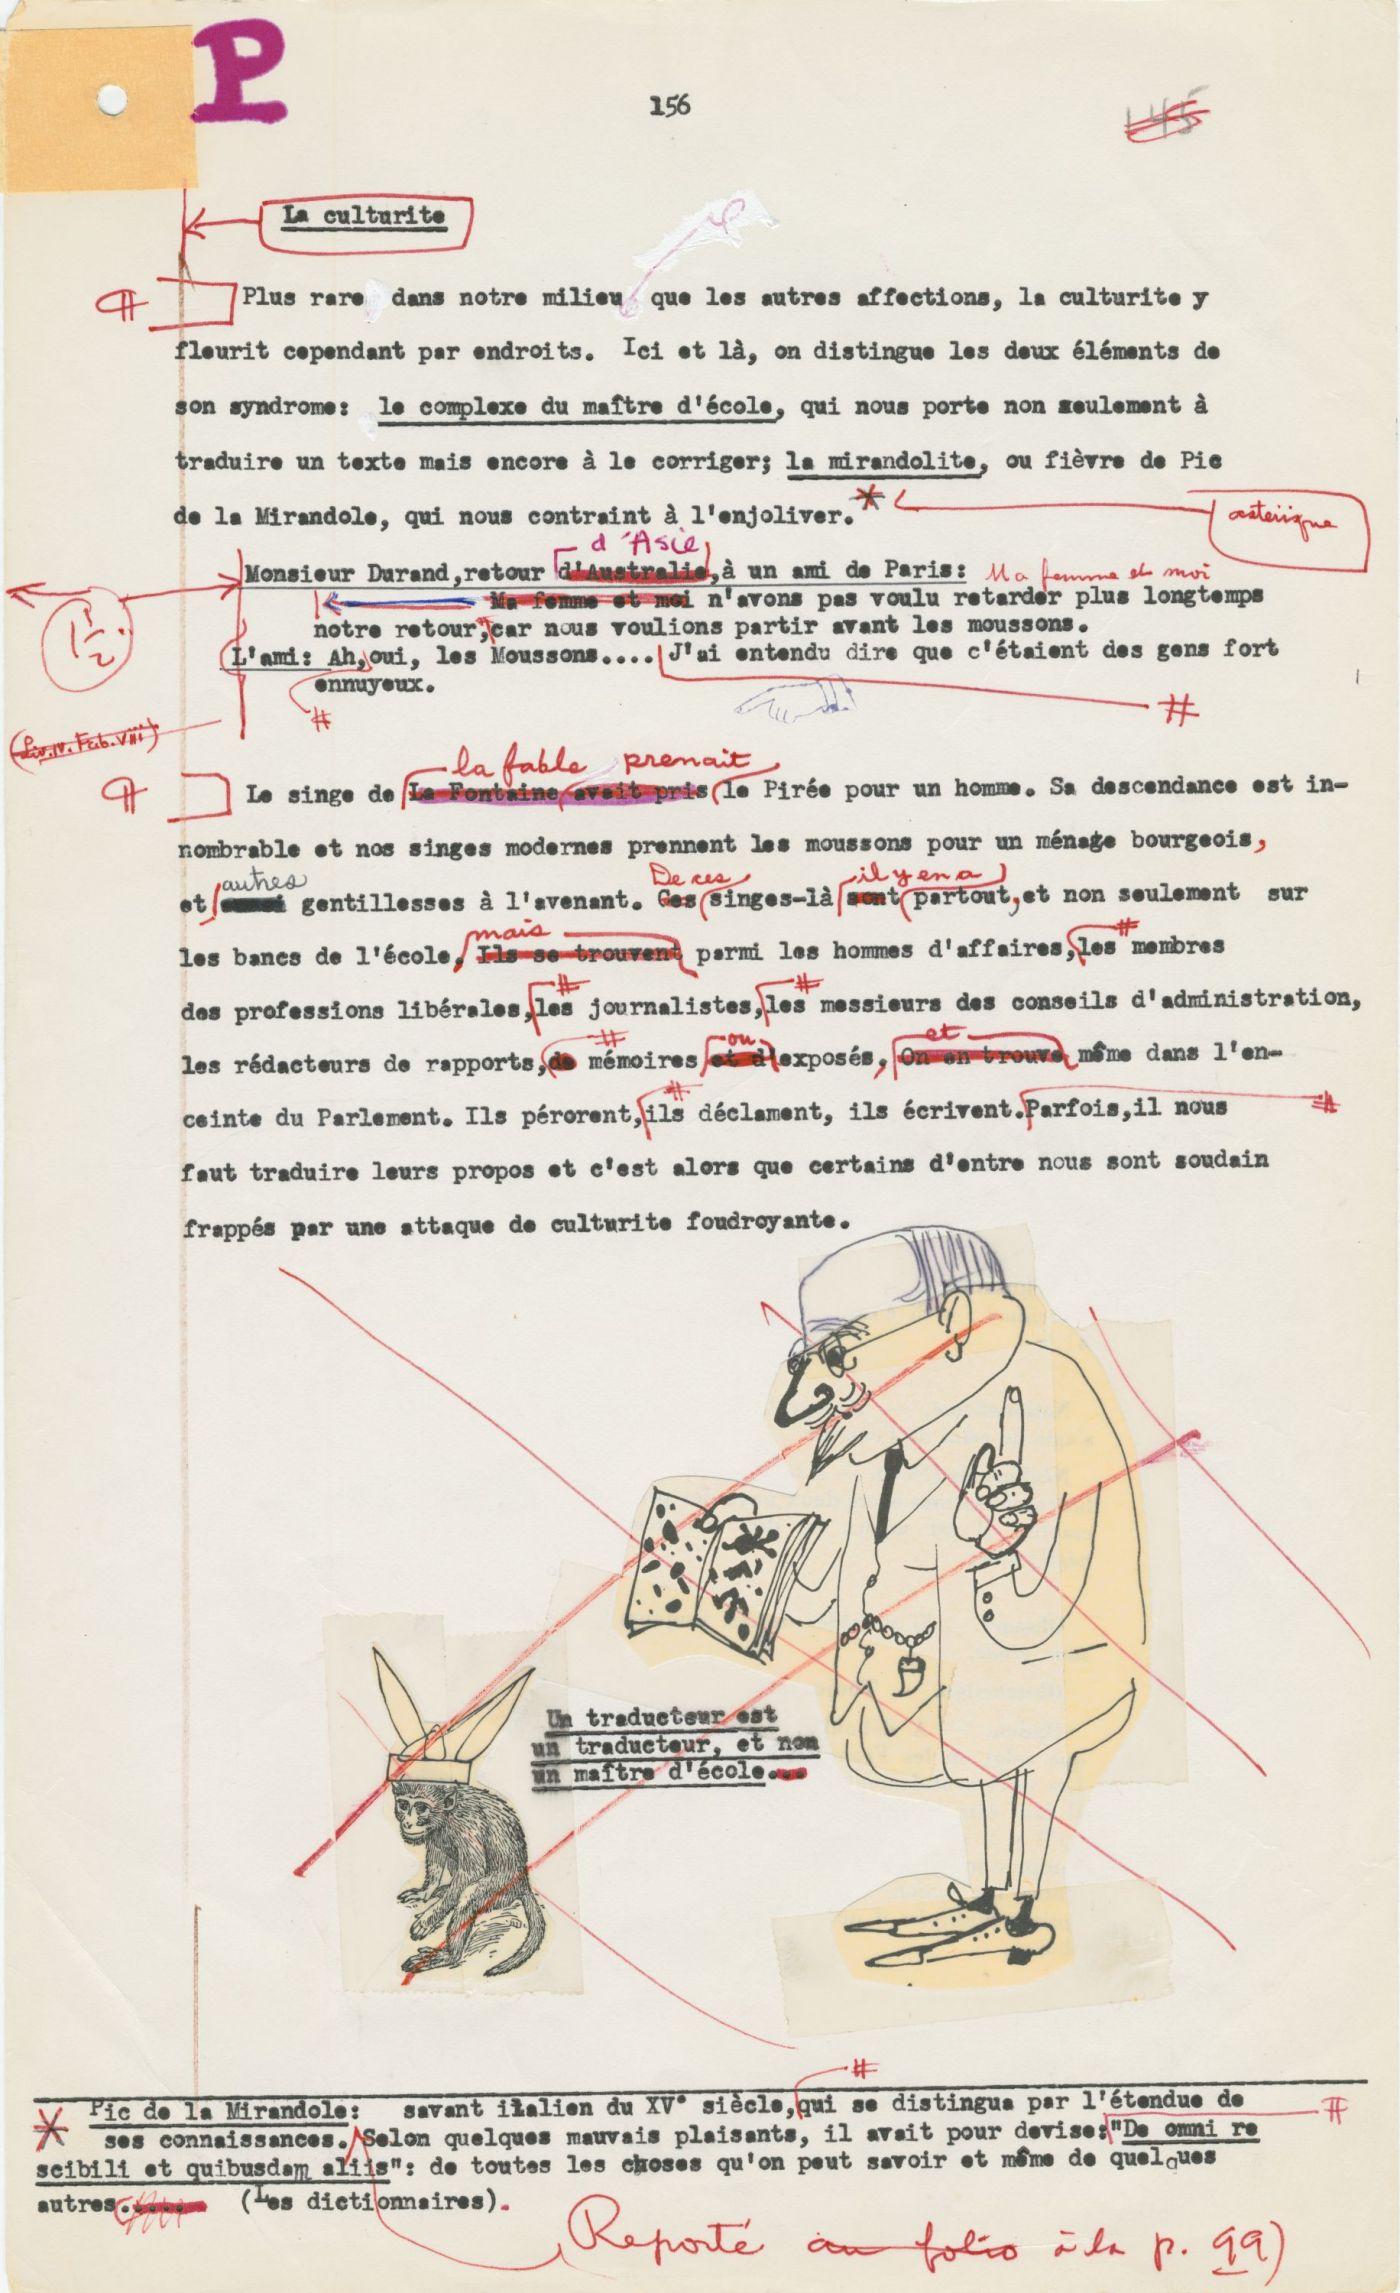 Texte dactylographié en français comportant des corrections à l'encre rouge. Une caricature au bas de la page a été rayée. Une correction indique que la note en bas de page prévue a été reportée à la page 99.